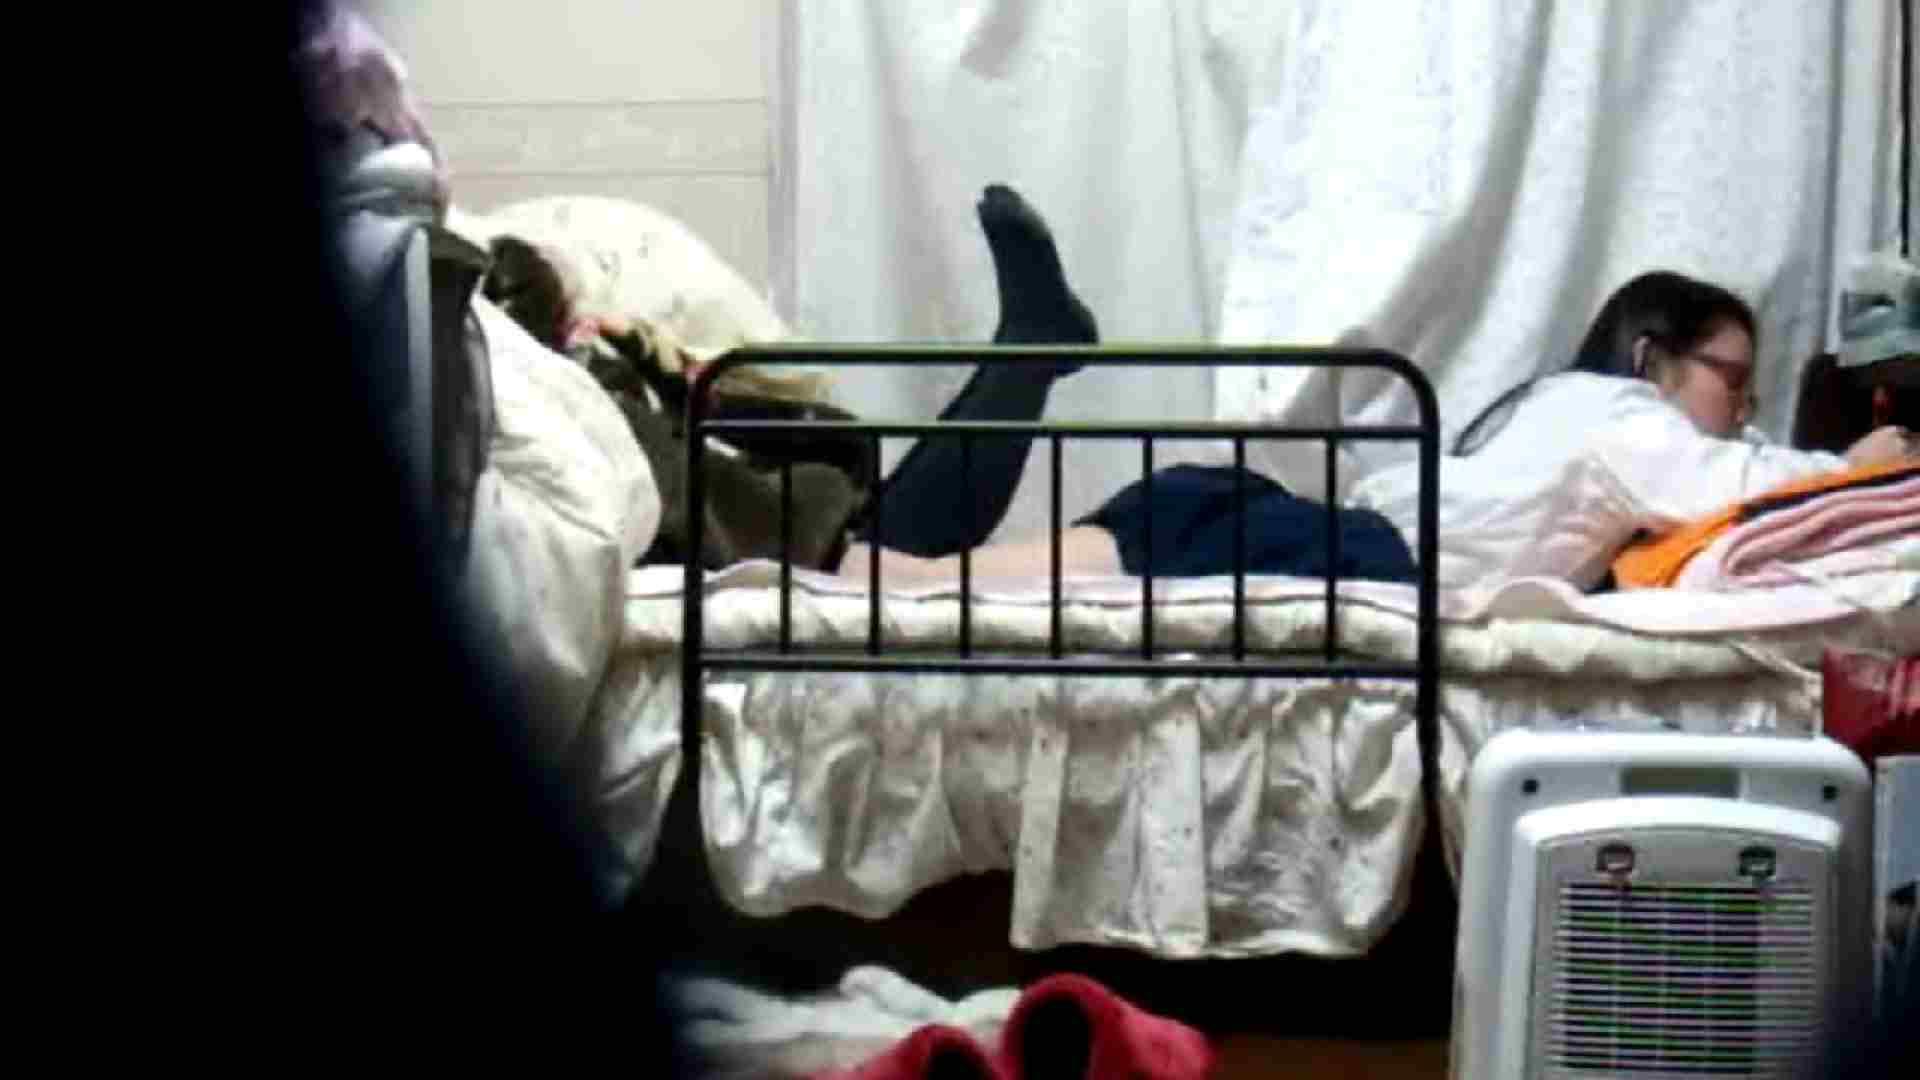 二人とも育てた甲斐がありました… vol.04 まどかが帰宅してベッドでセックス OLセックス  57画像 2